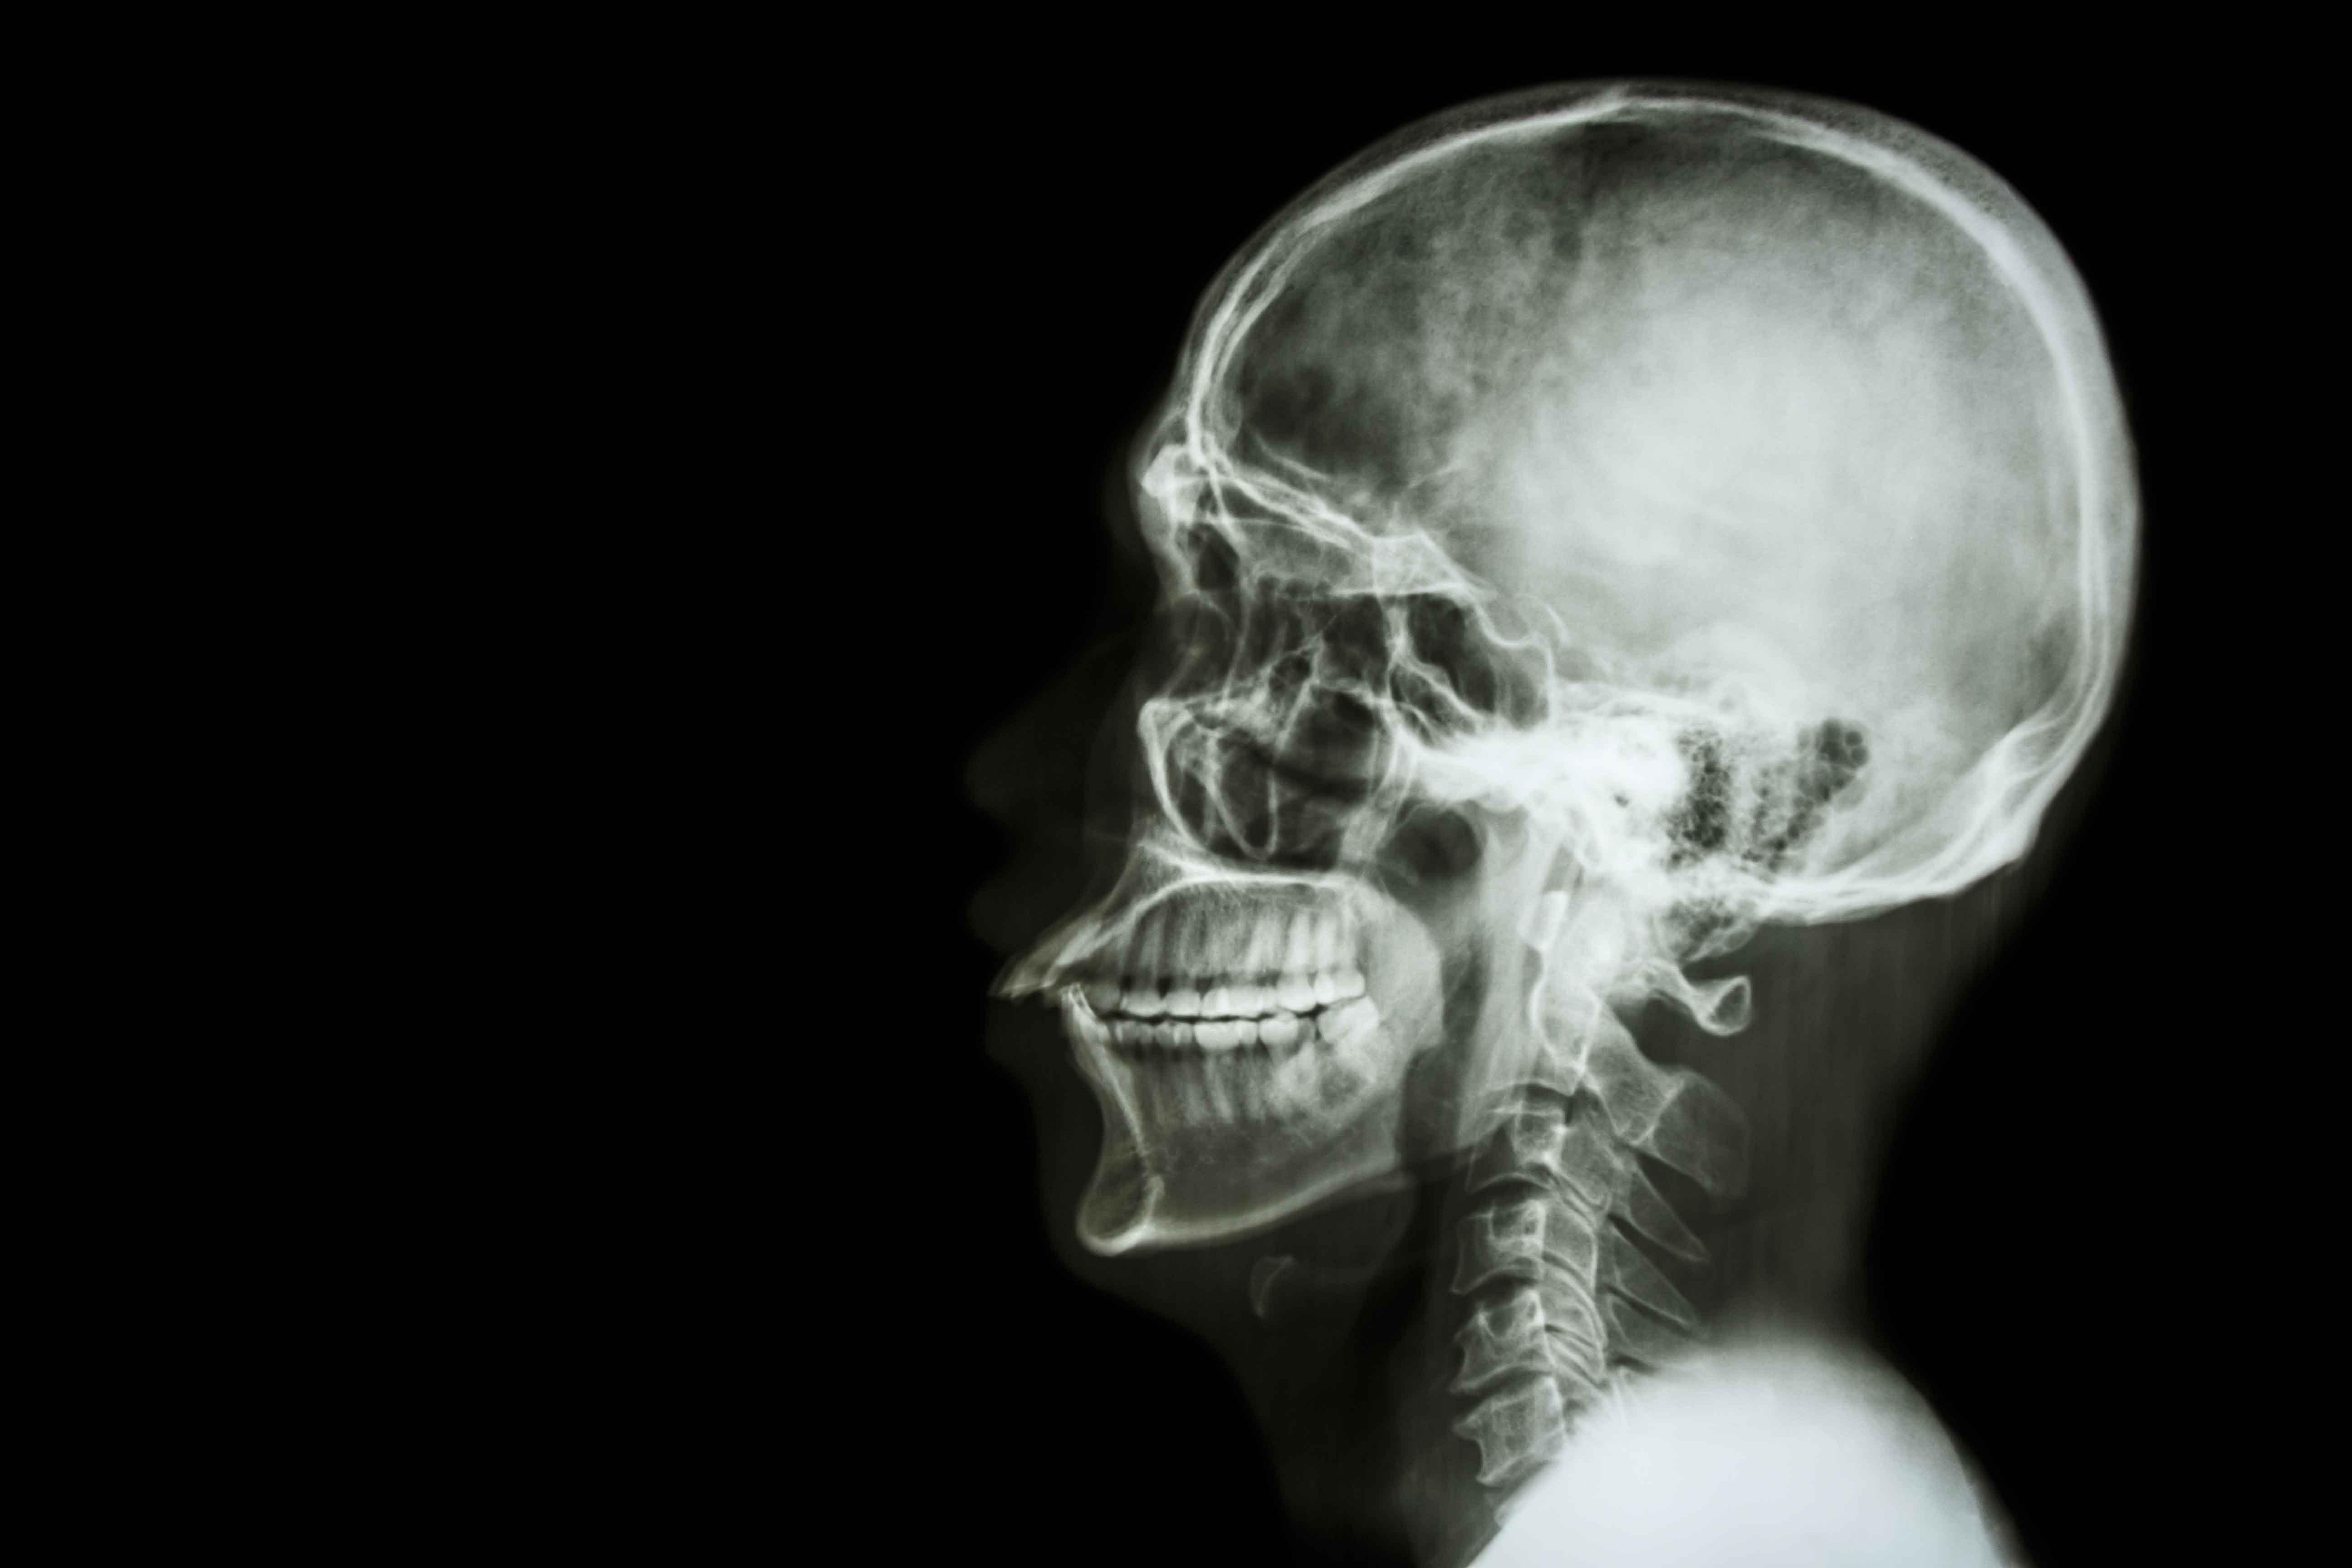 Técnico Profesional en Radiología Dental (90 horas) – Fundación Maude